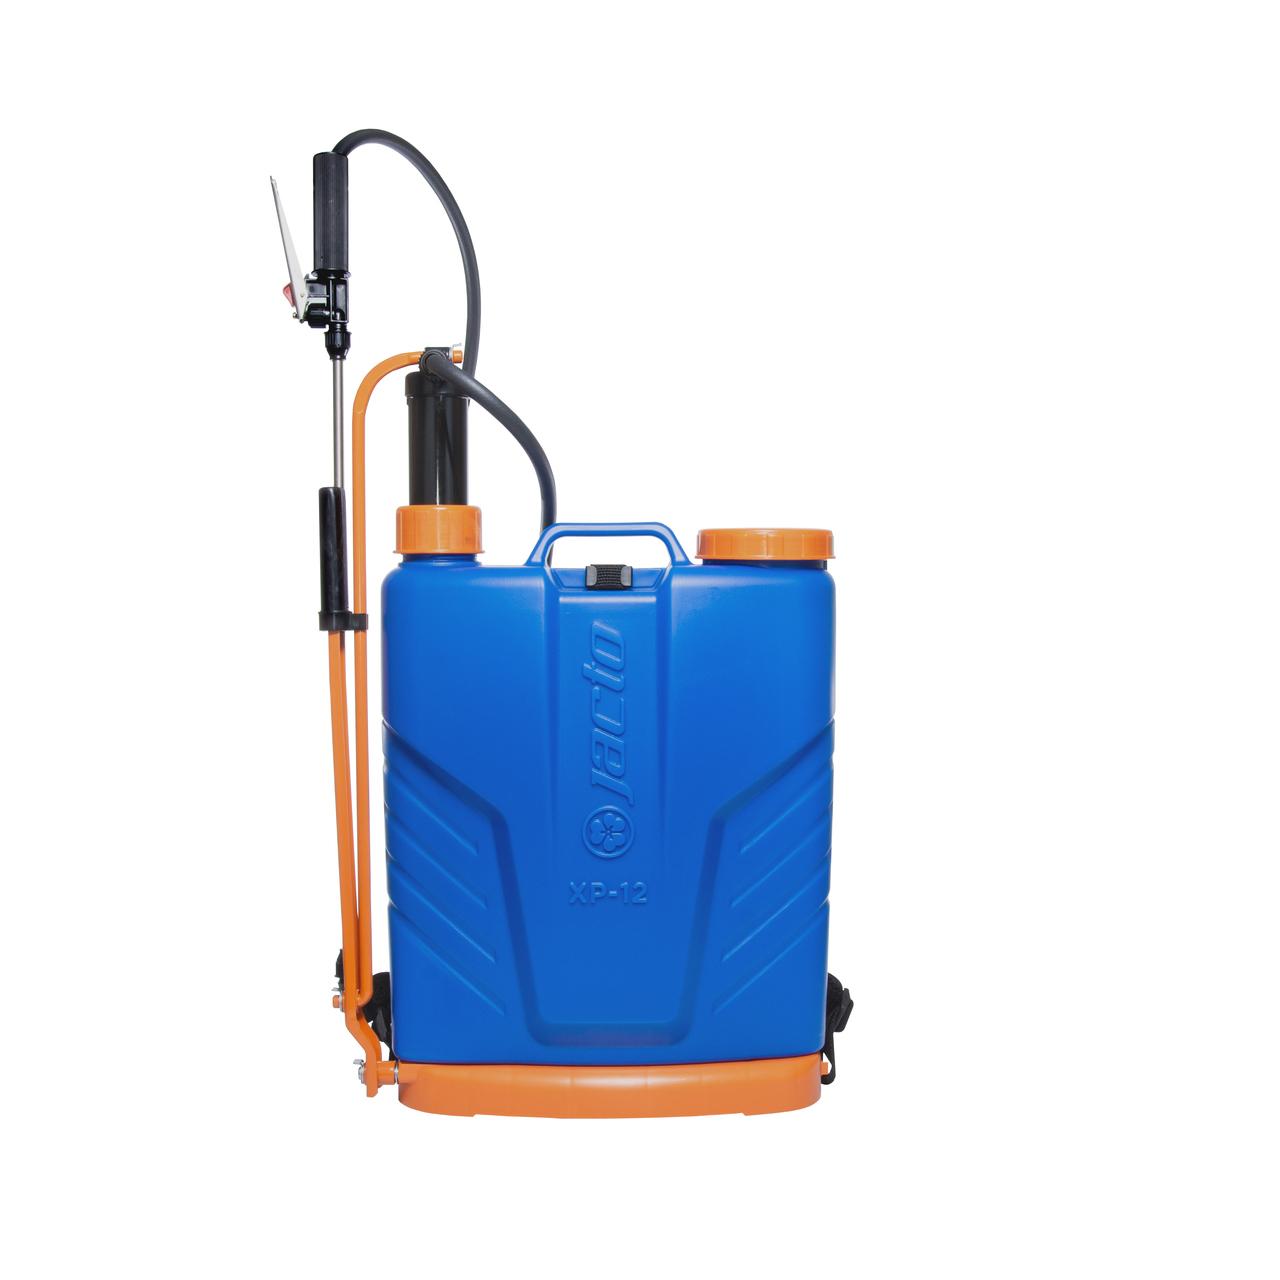 Pulverizador Costal Manual Jacto Xp 12 Litros